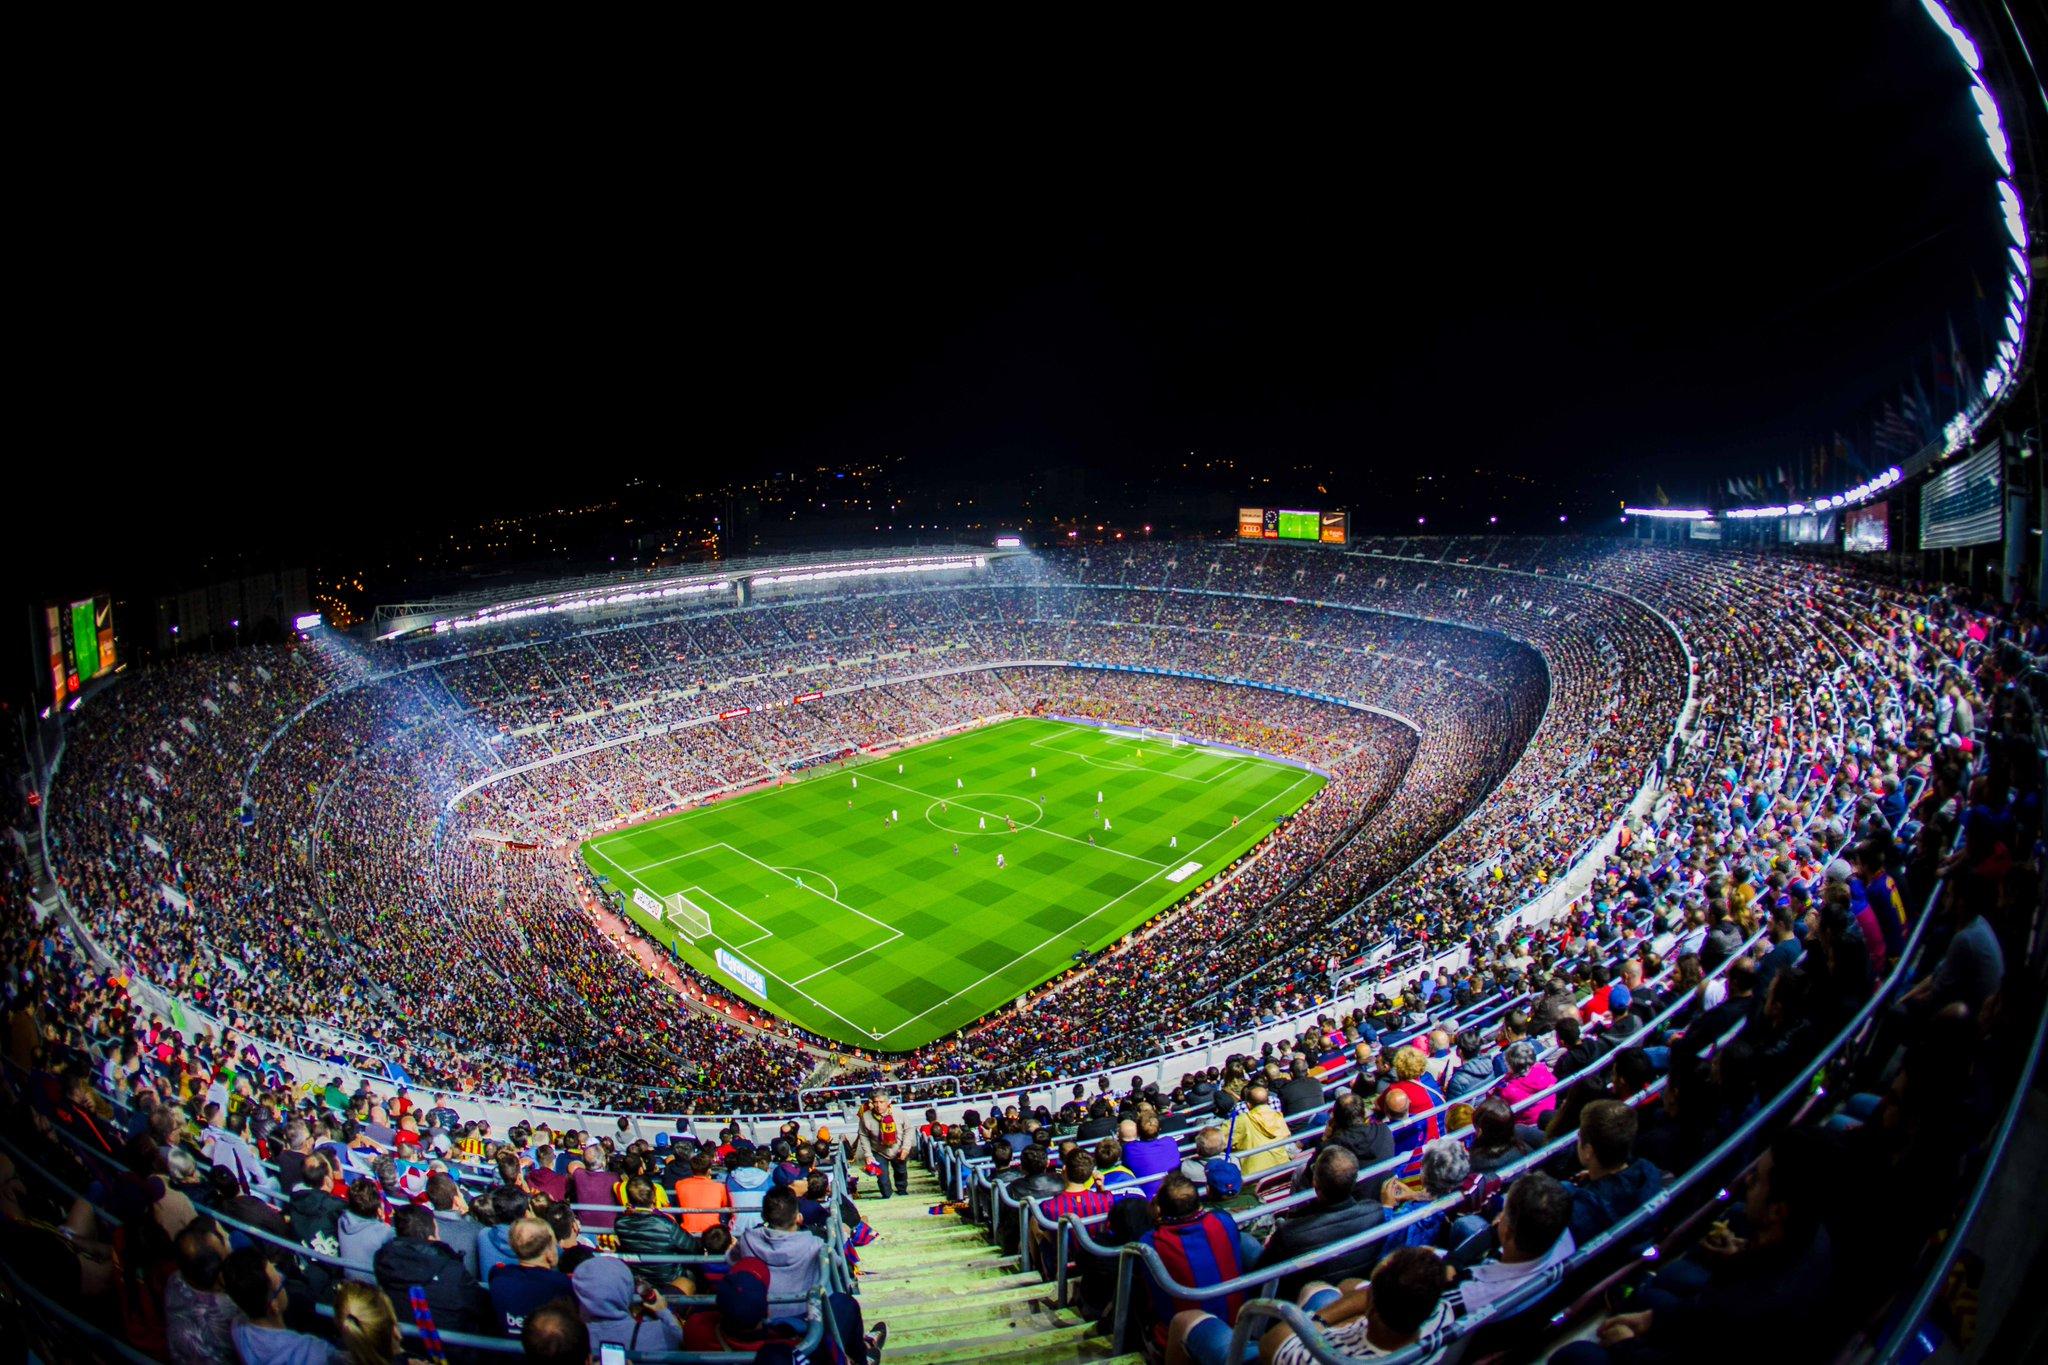 �� ¡Feliz cumpleaños, Camp Nou! �� ¿Cuál es el momento más especial que has vivido aquí? ��❤ #ForçaBarça https://t.co/qd5rQ4pA8L